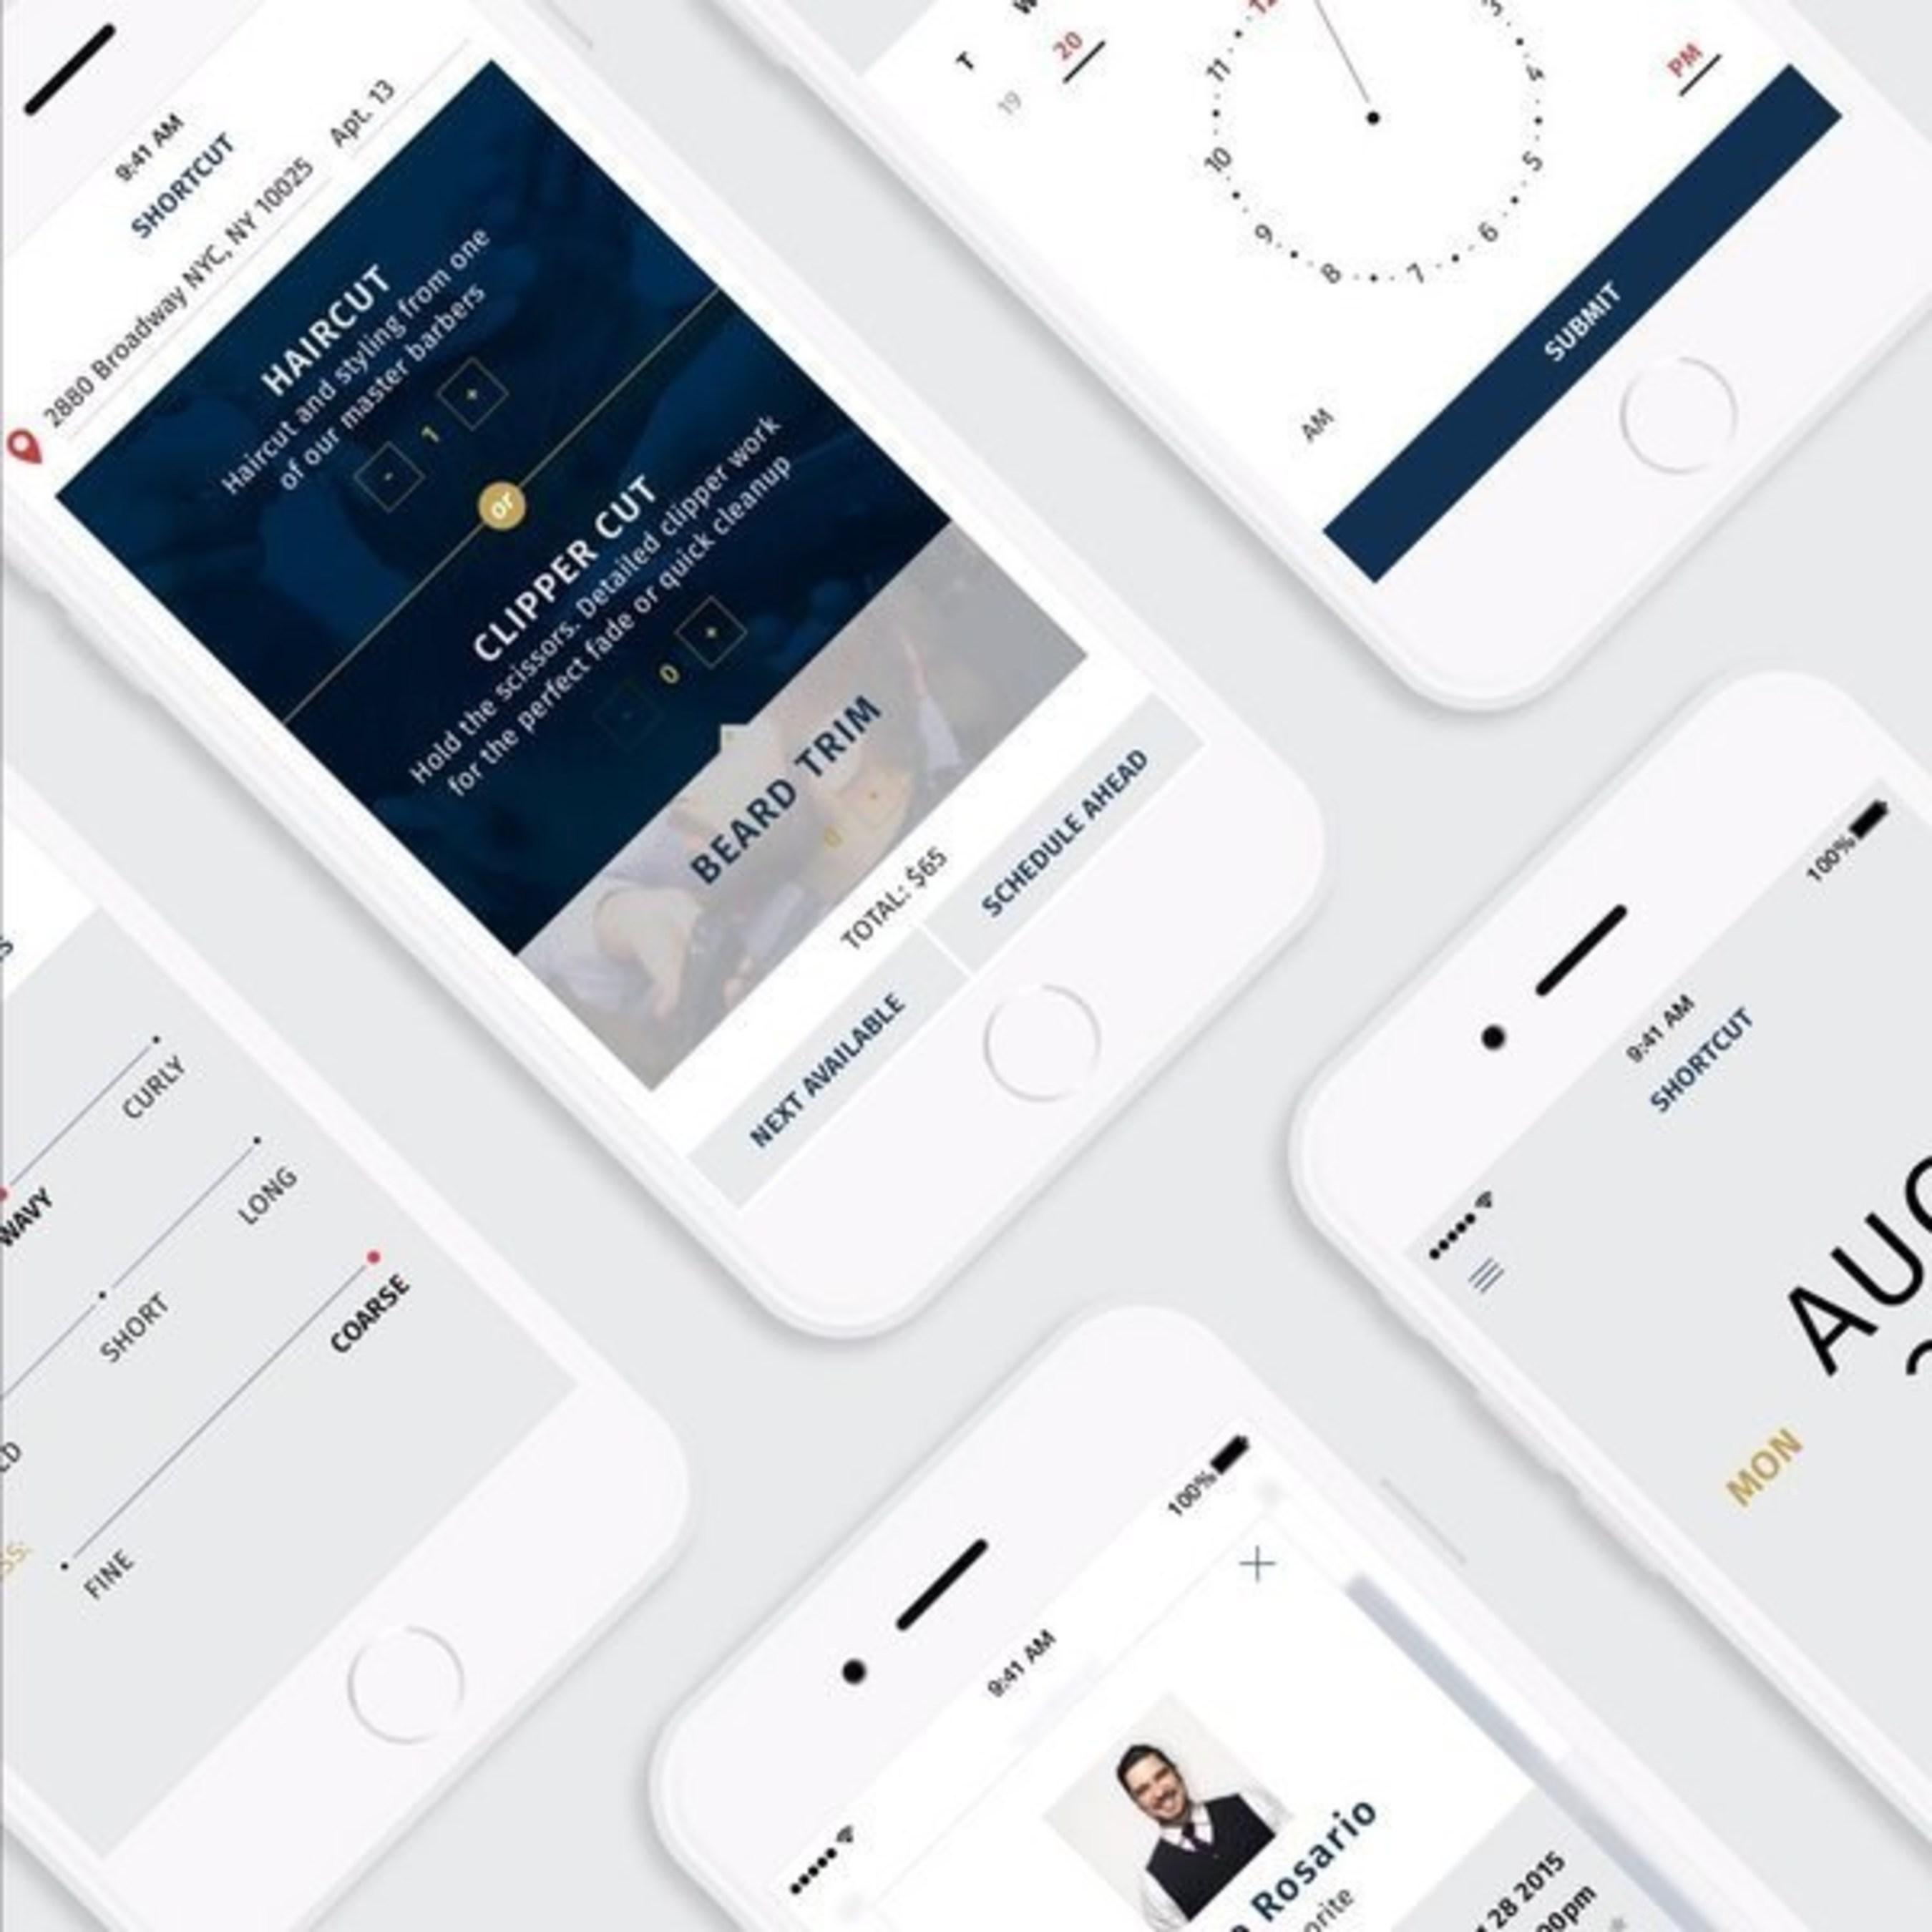 Shortcut Mobile App Interfaces